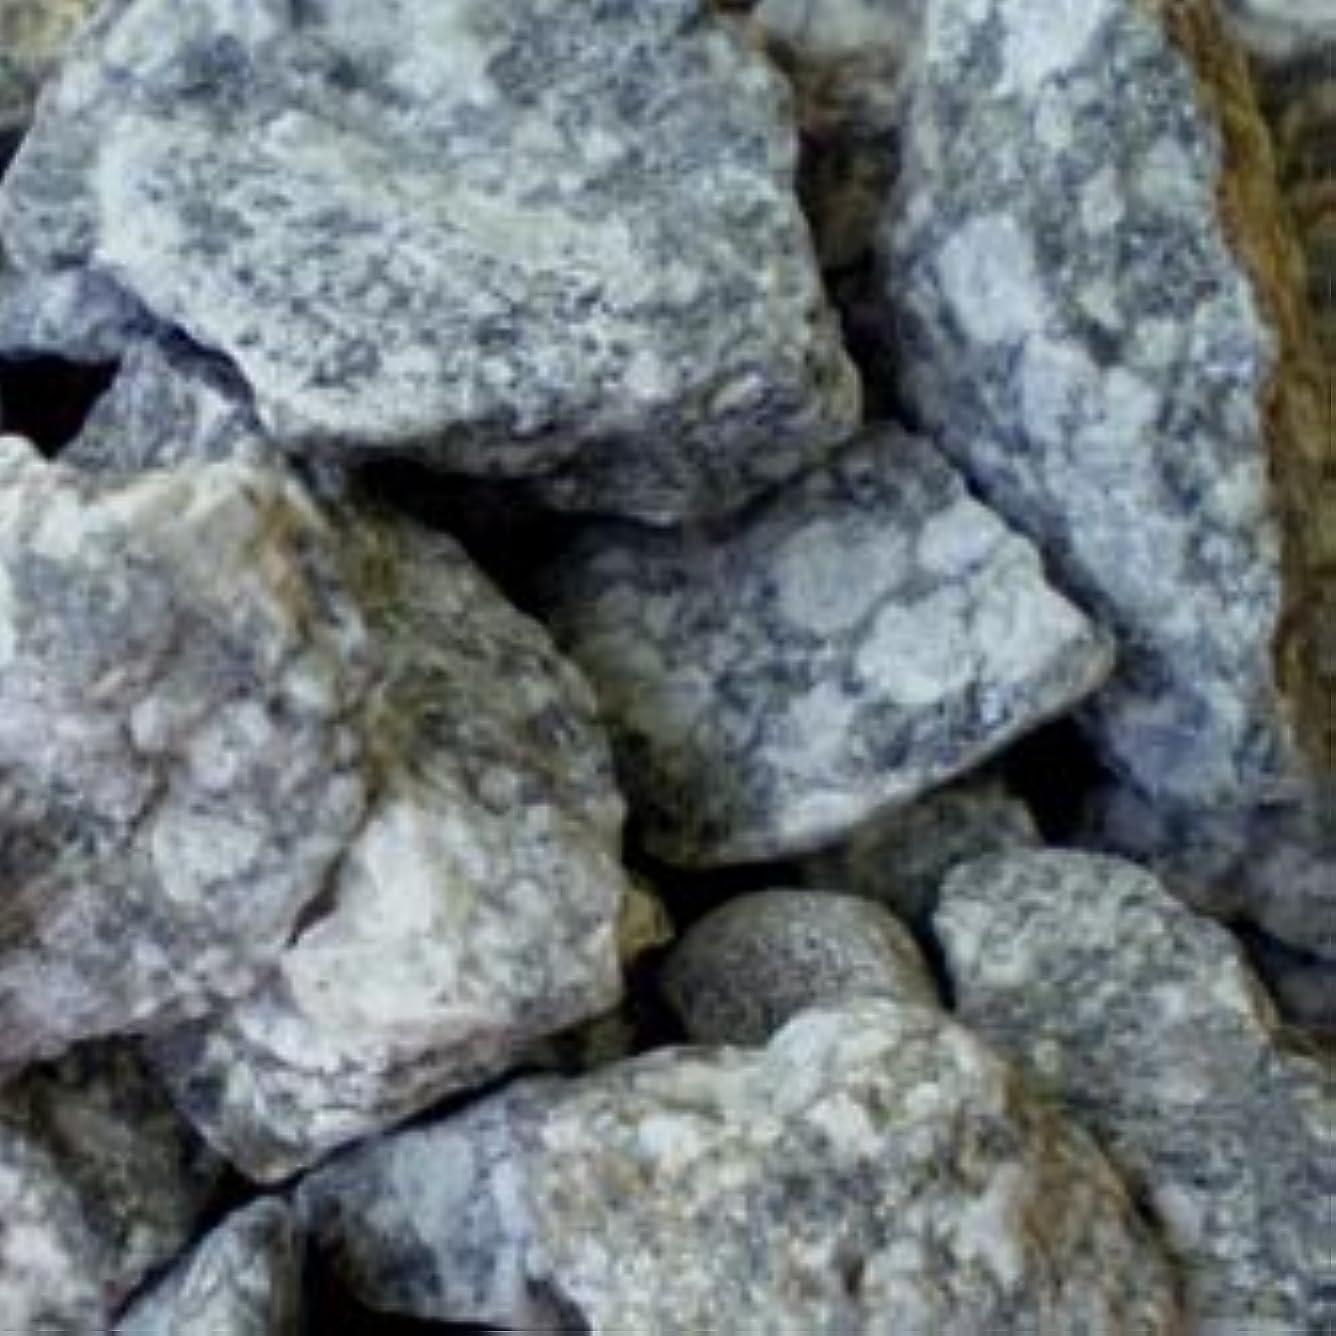 アラームミントサッカー麦飯石 原石 5000g(サイズ10-30mm) (5袋セット) (5袋)